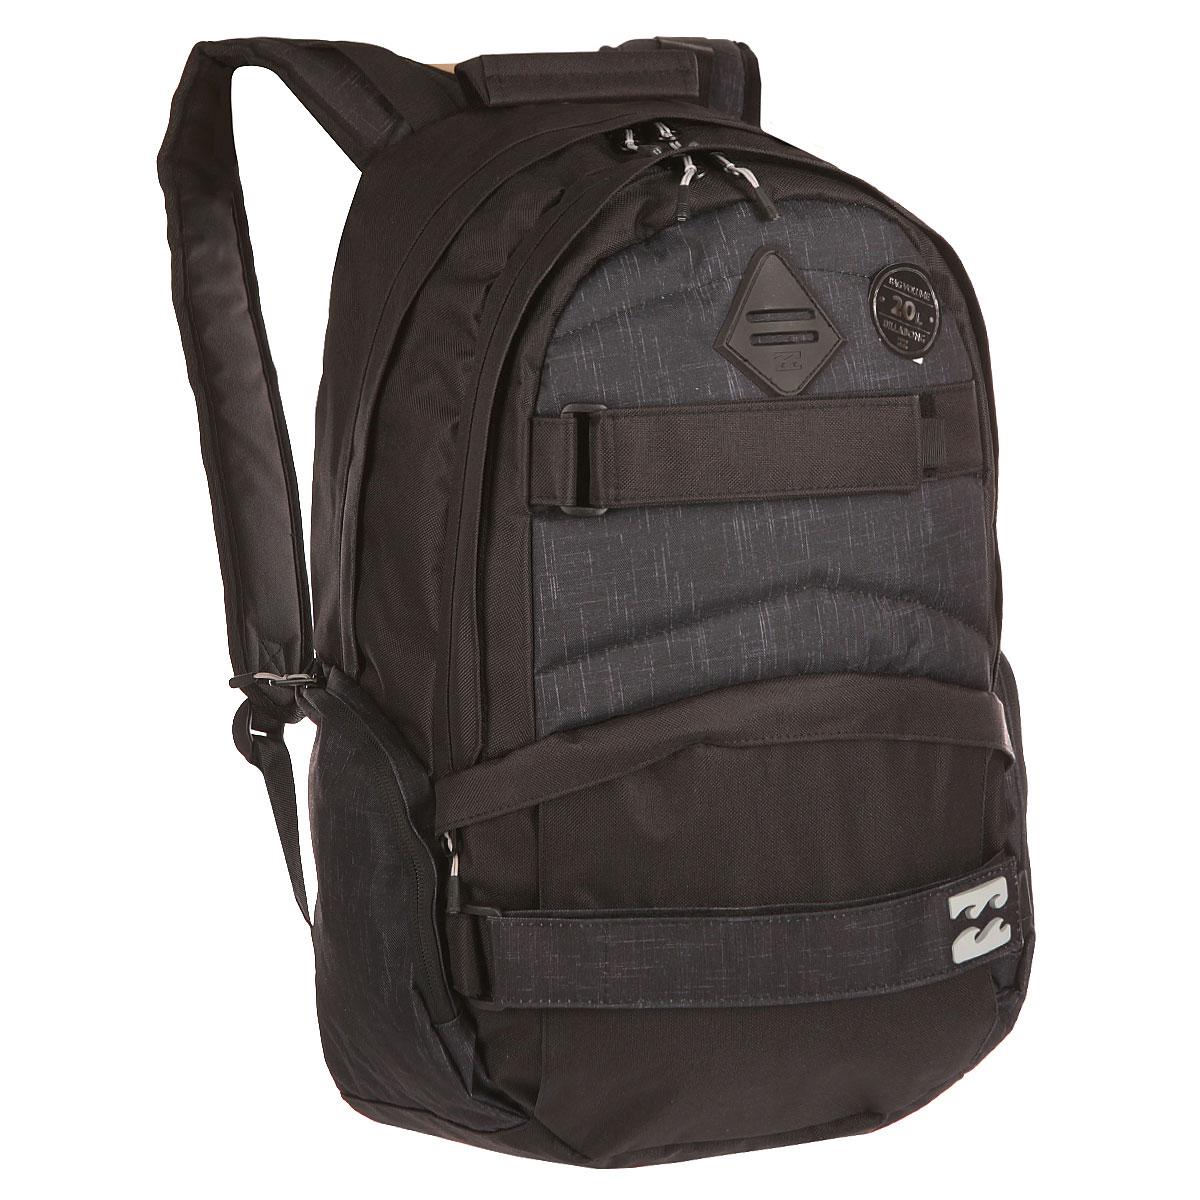 Рюкзак городской Billabong Hermosa, цвет: угольно-черный , 20 лW5BP04Hermosa Bckpack с легкостью вместит все необходимые вещи и сохранит ноутбук в целости благодаря отдельному мягкому внутреннему отсеку. Внешний фронтальный карман на молнии в сочетании с двумя боковыми позволит держать все необходимые мелочи в полном порядке. А удобные крепления для доски позволят всегда иметь под рукой маневренный транспорт